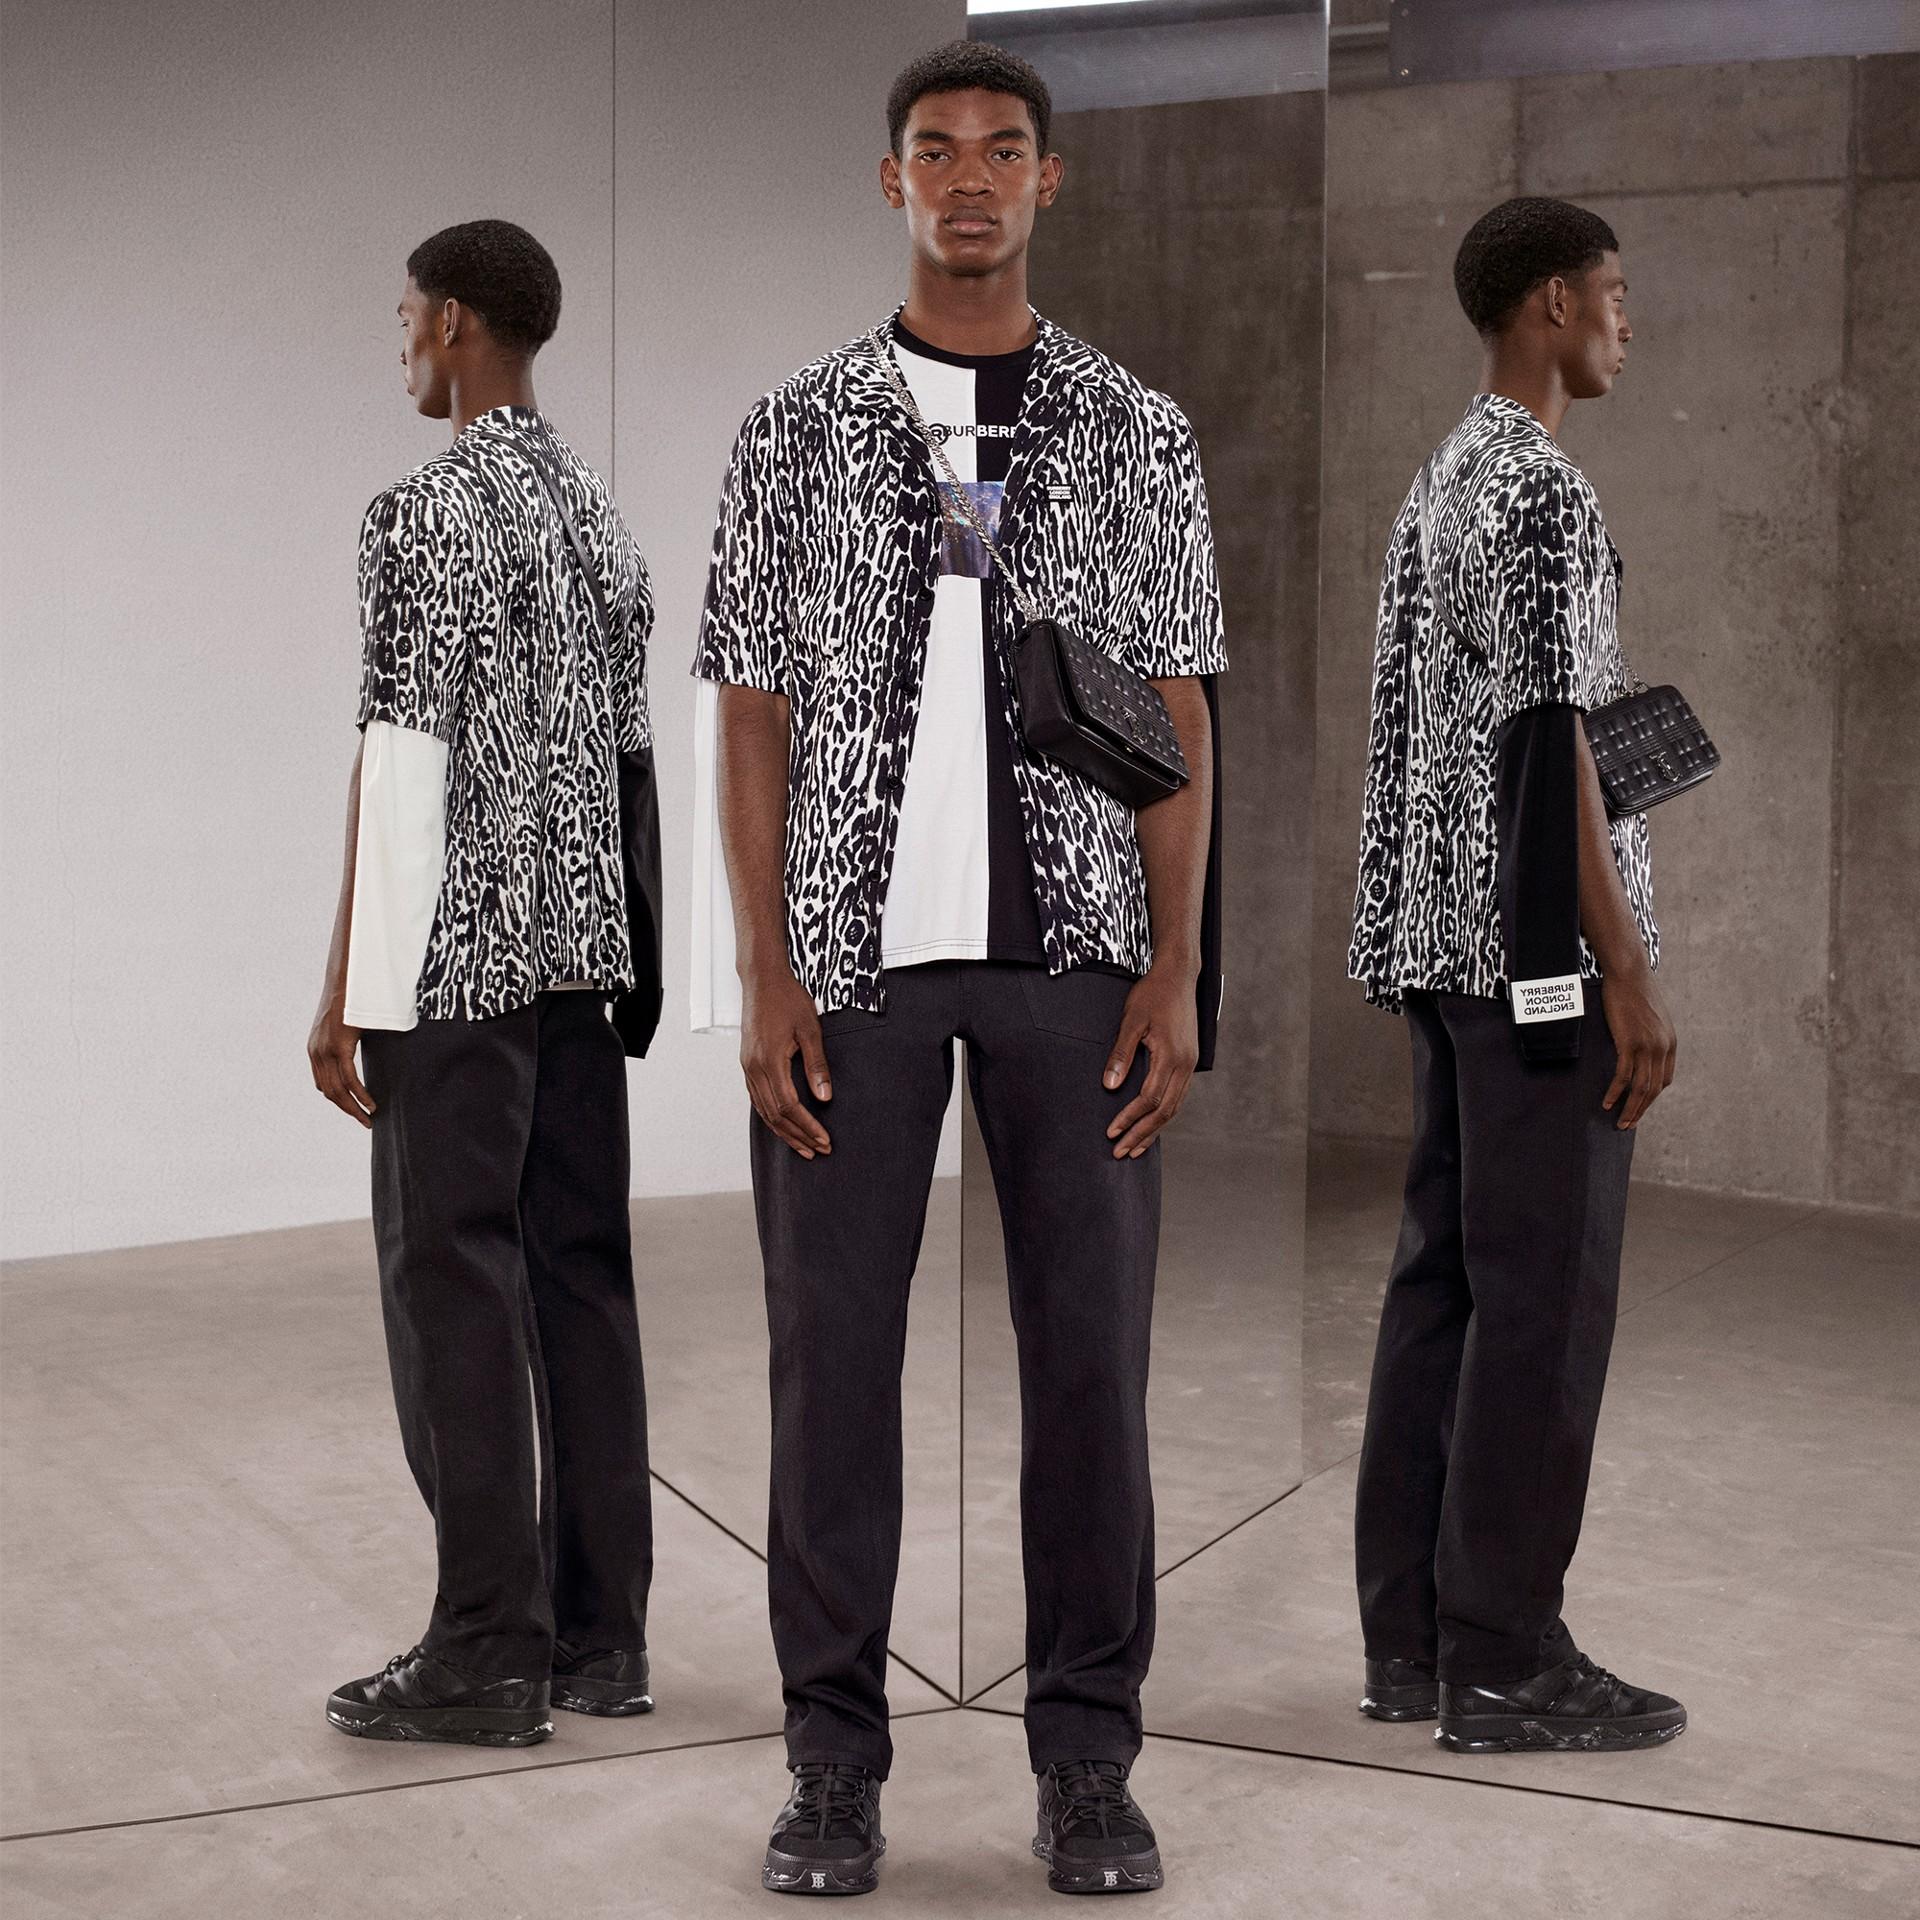 Haut oversize en coton à imprimé montage avec manches à découpes (Noir/blanc) - Homme | Burberry - photo de la galerie 1